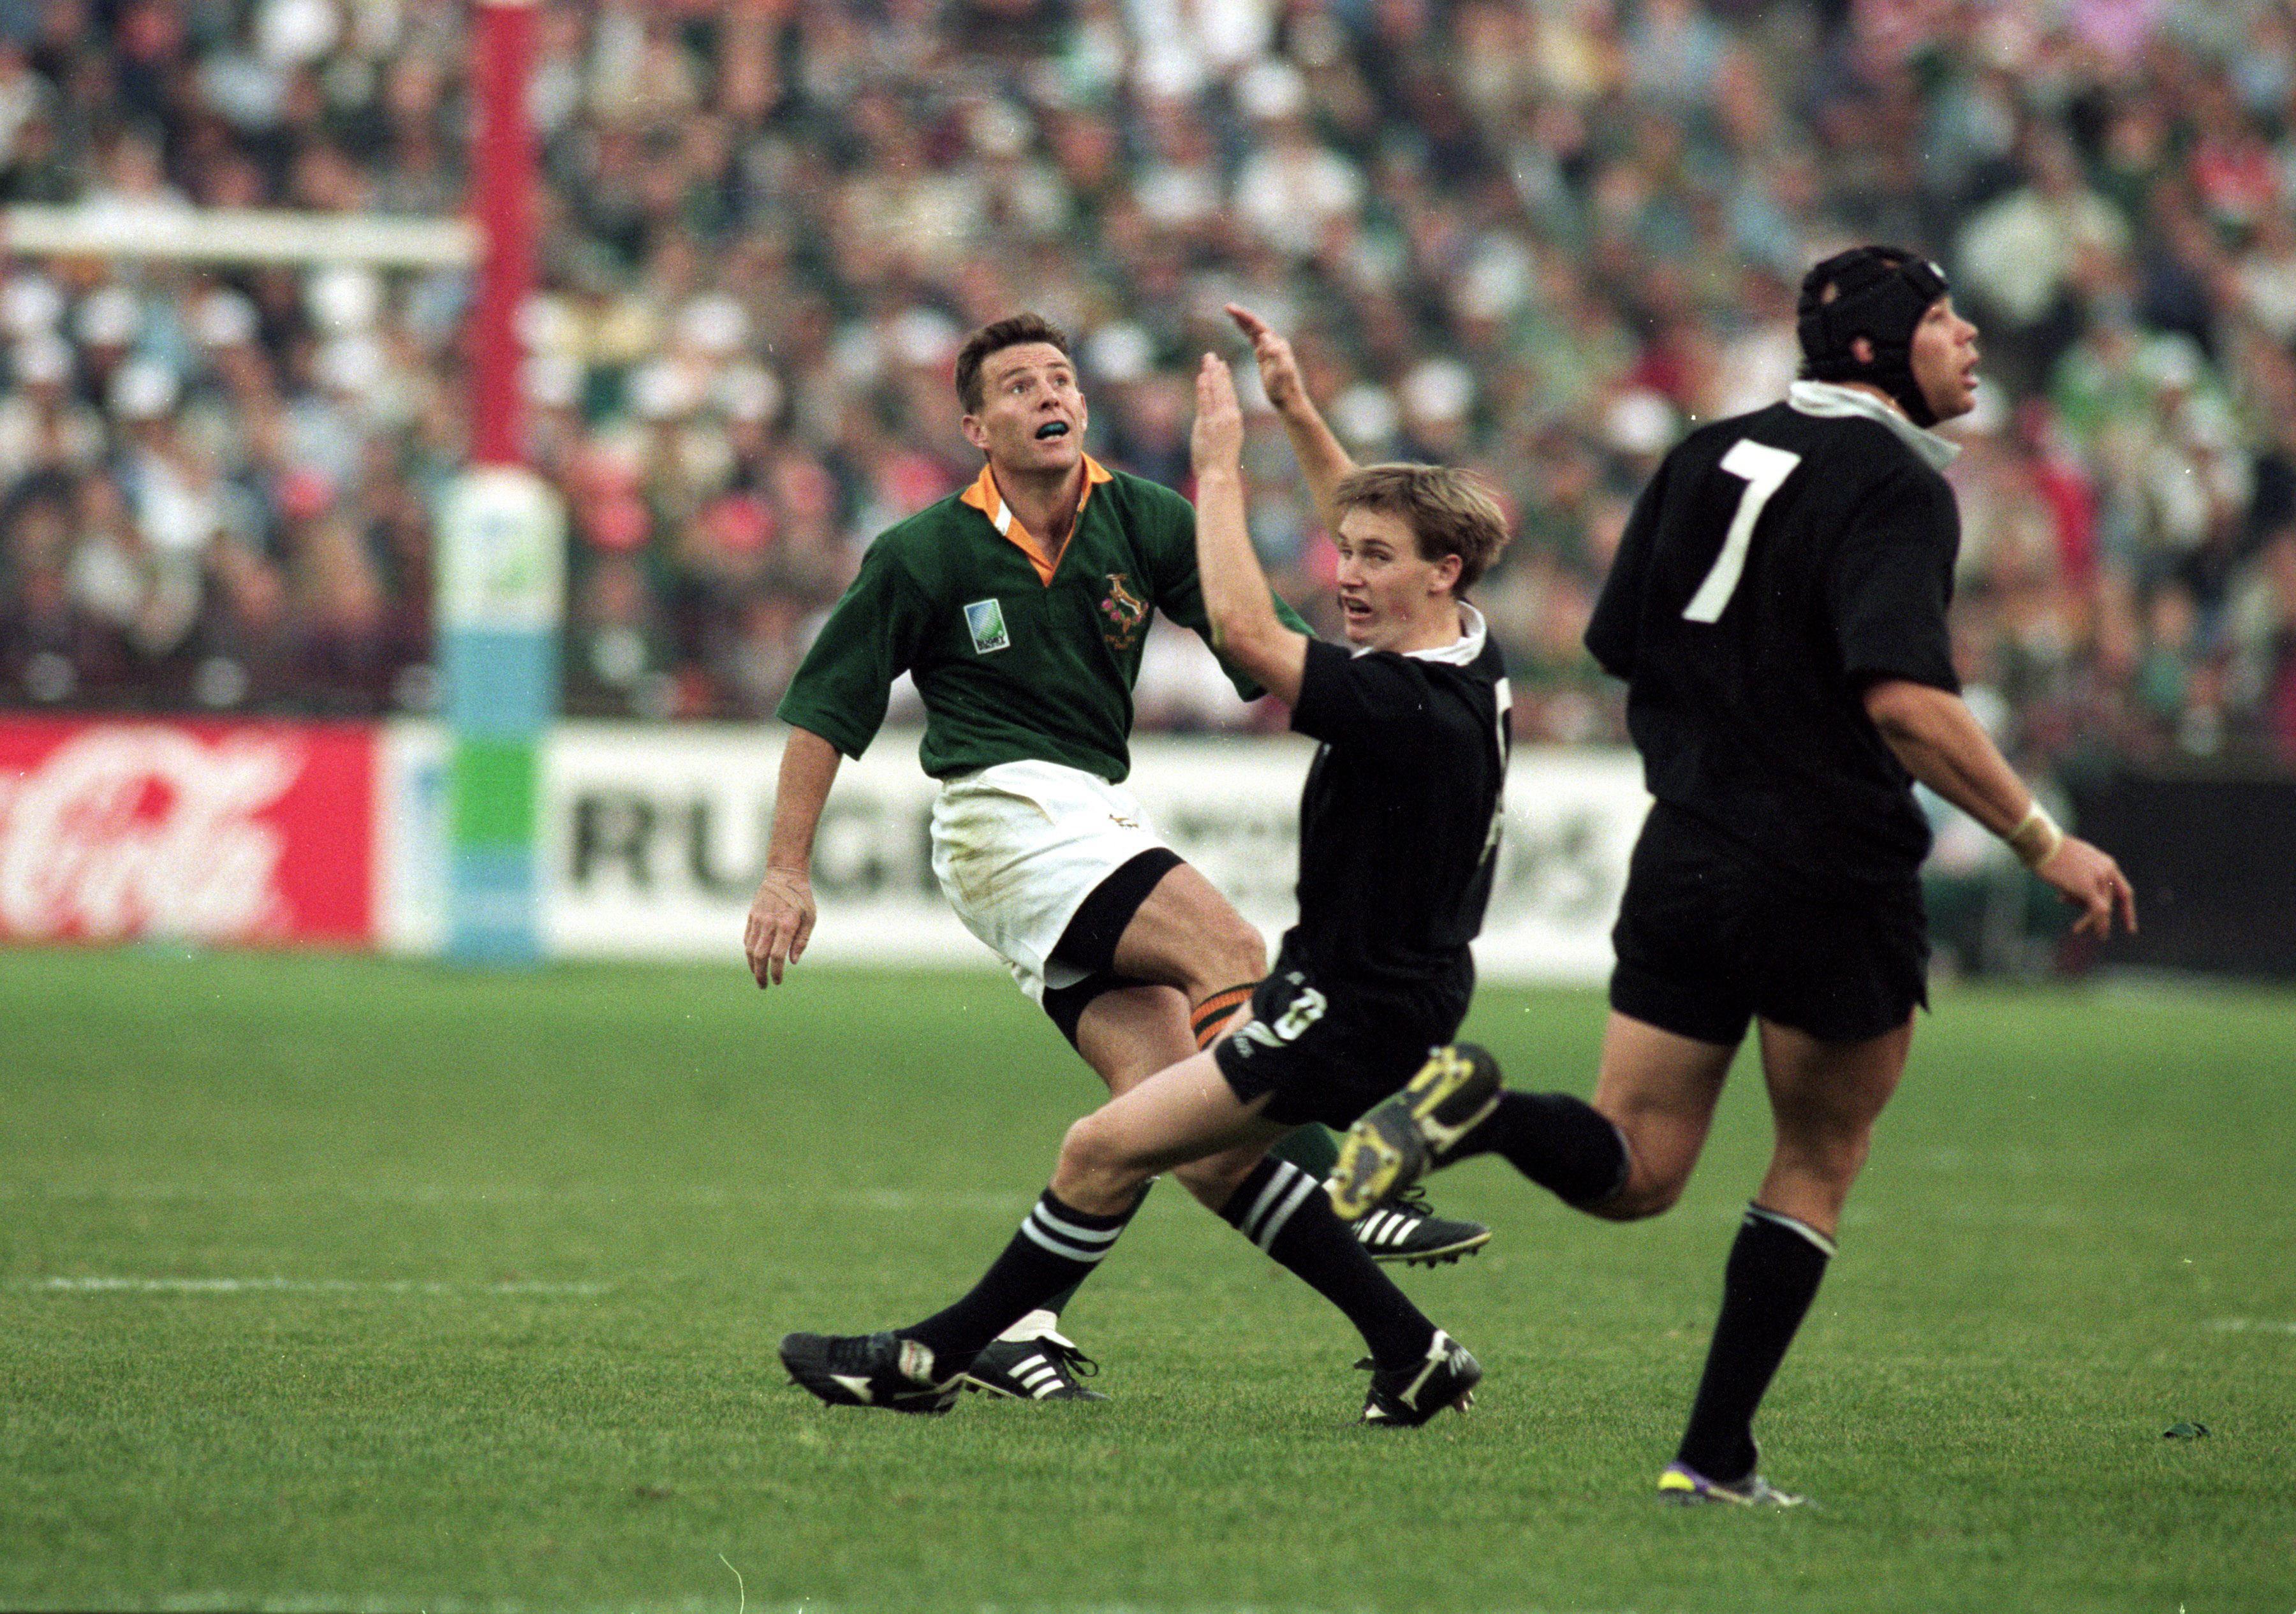 Rugby World Cup rewind: RWC 1995